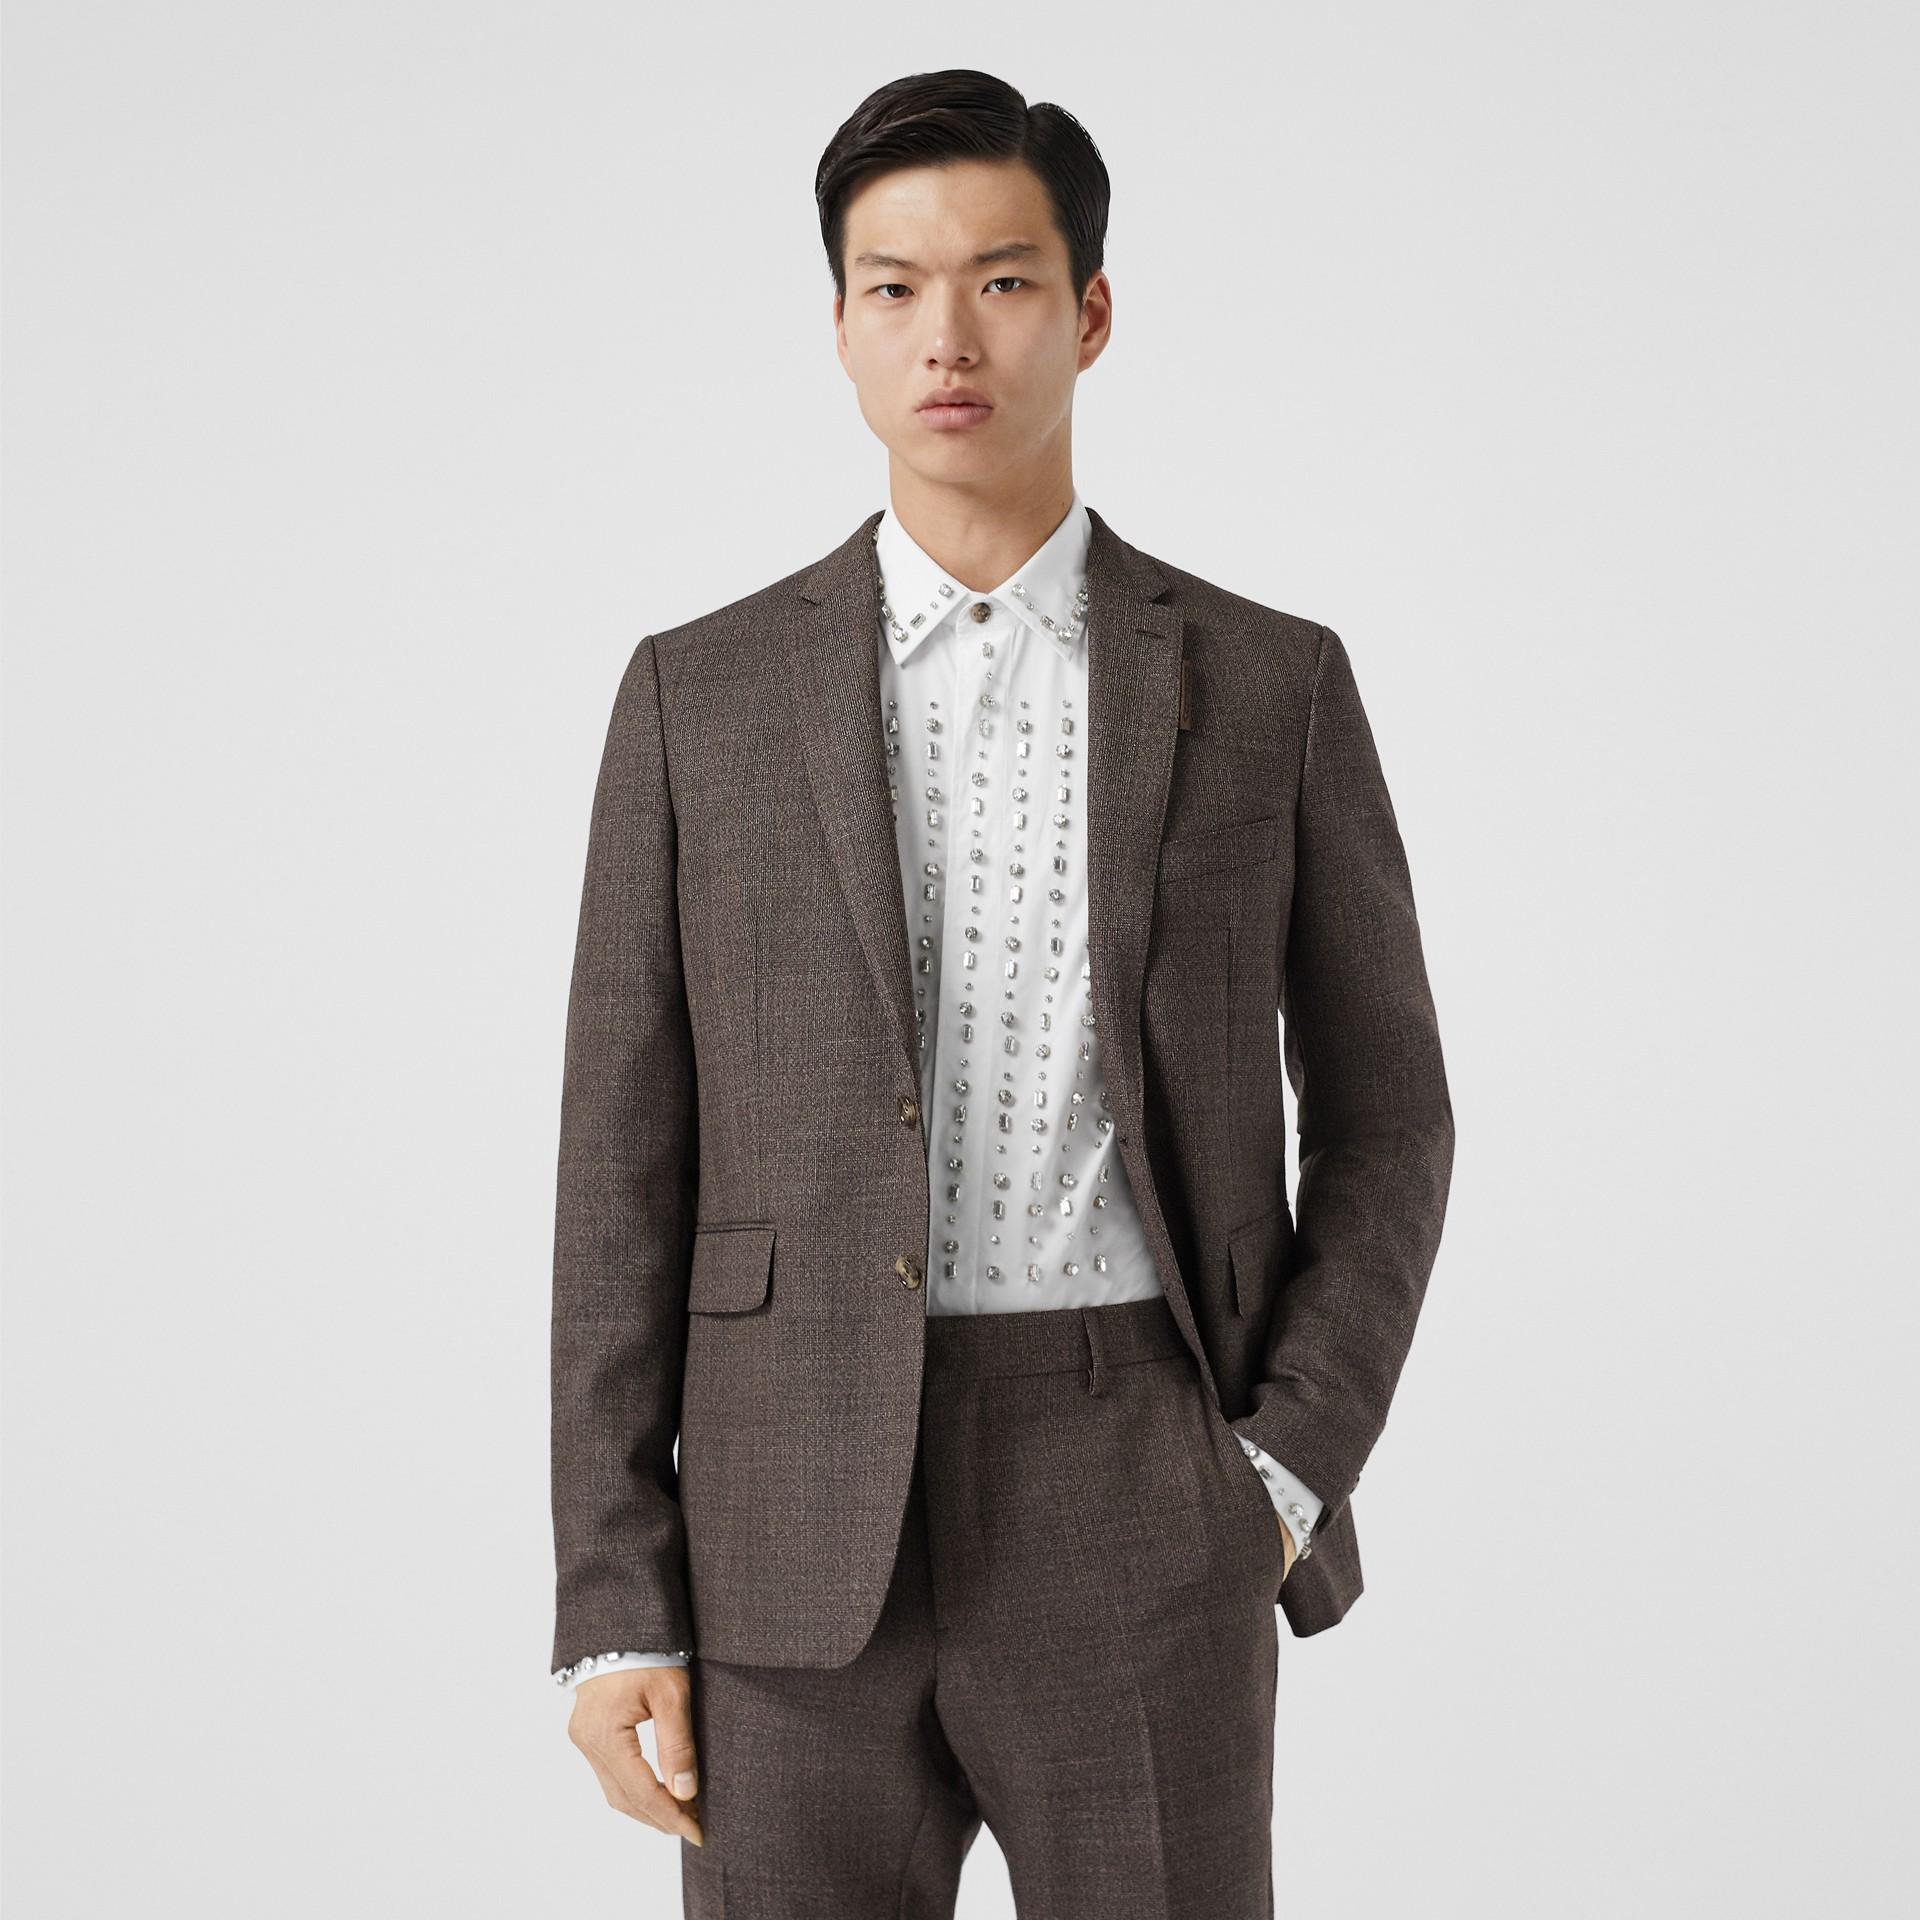 Slim Fit Wool Suit in Dark Brown - Men | Burberry - gallery image 6